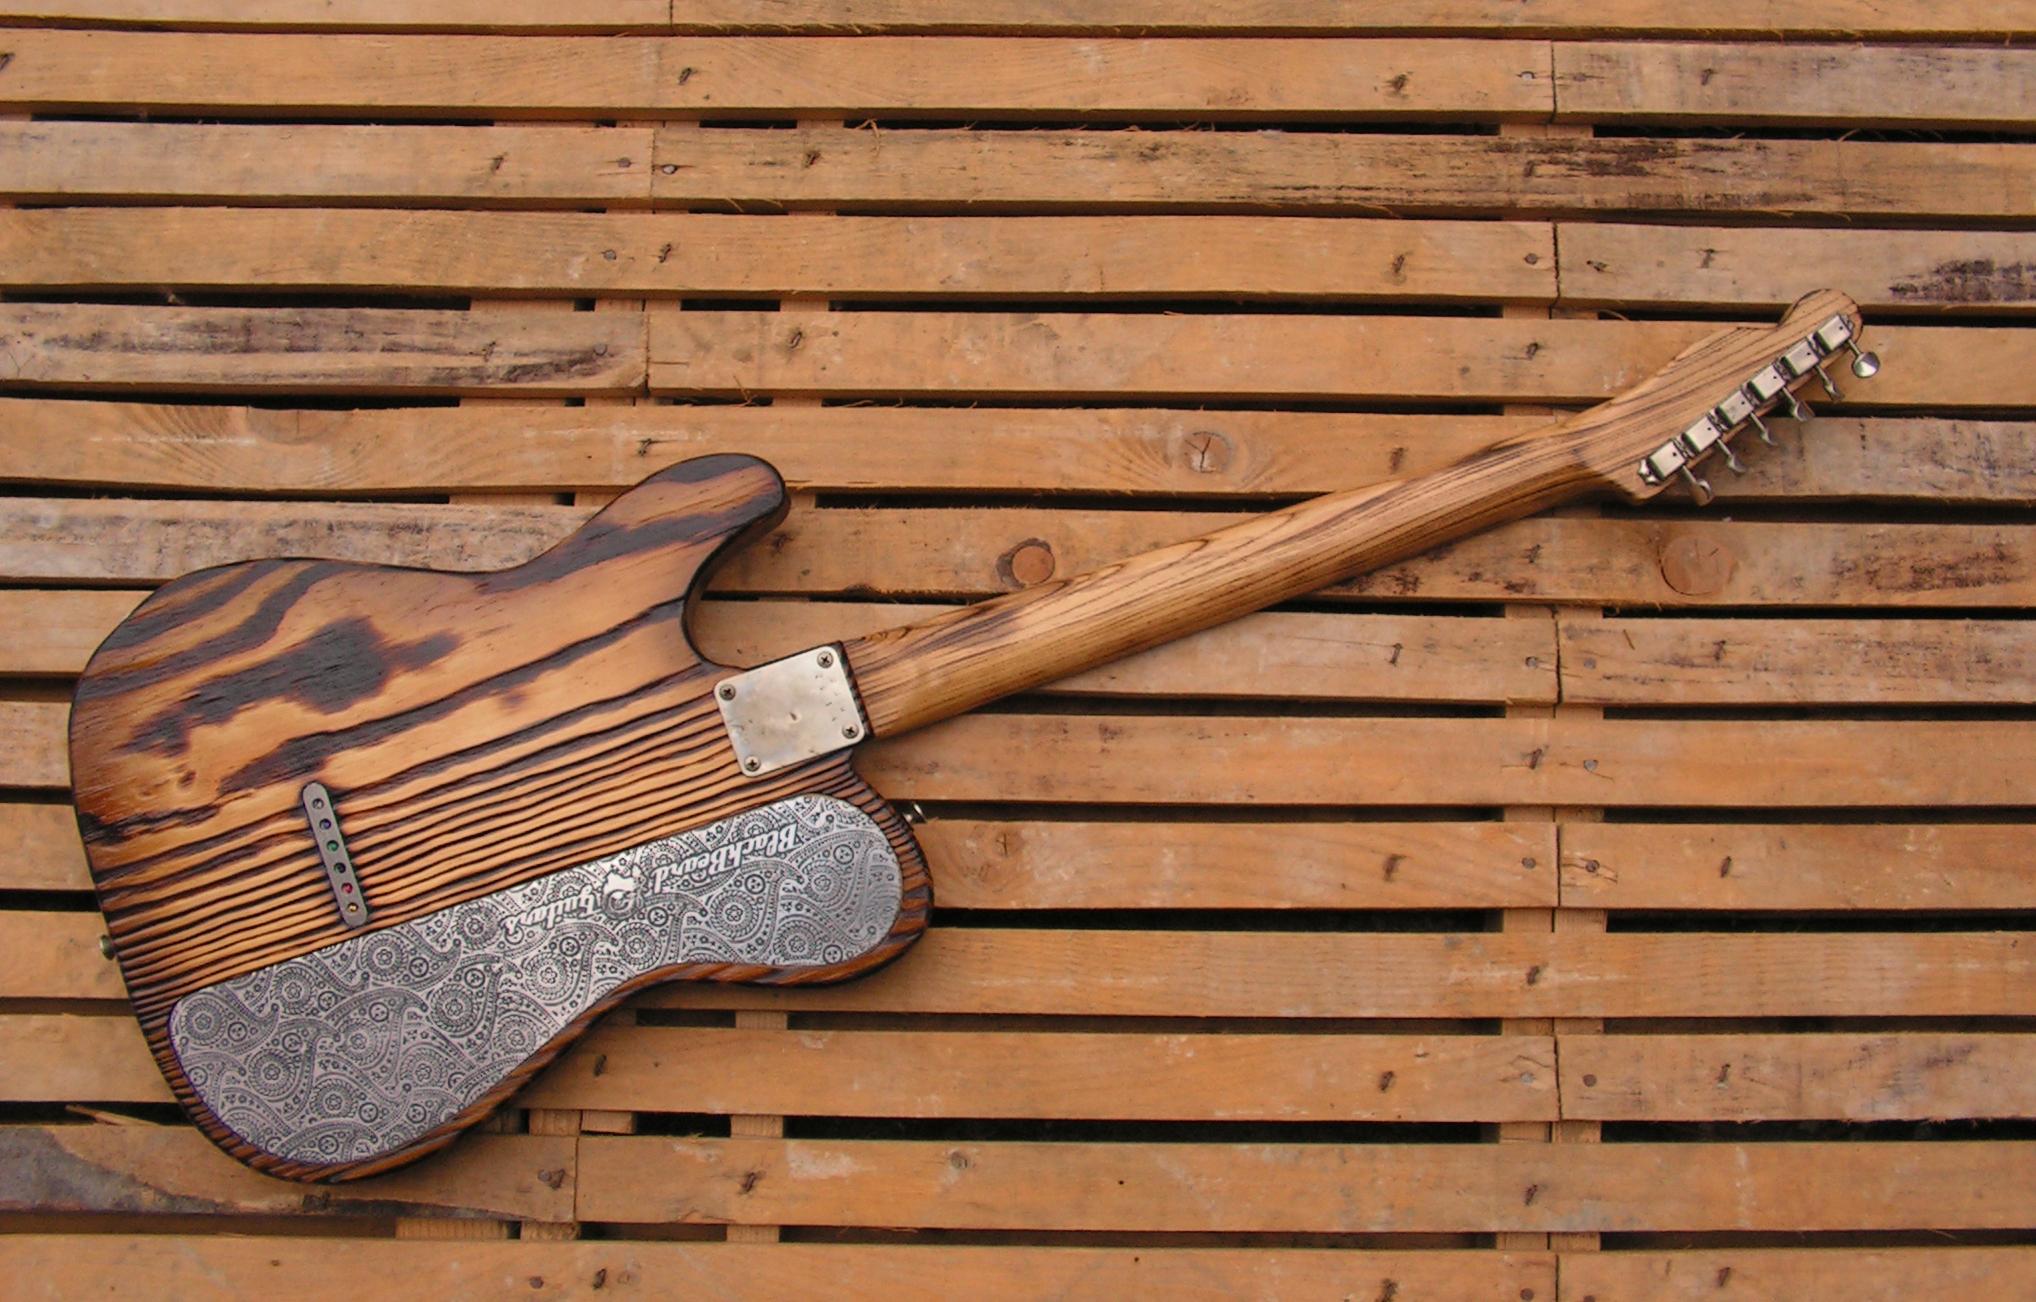 Retro di una chitarra Telecaster Thinline in pino californiano roasted